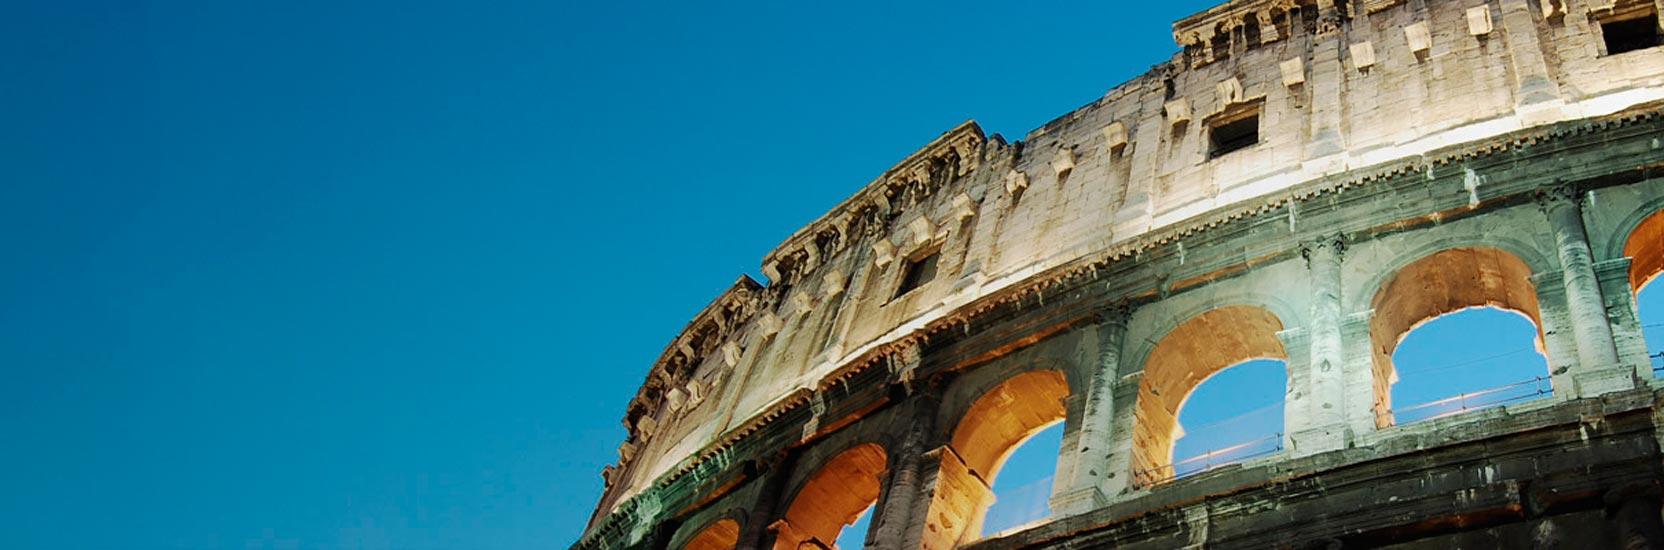 romans-predigt-reihe-silde-550px